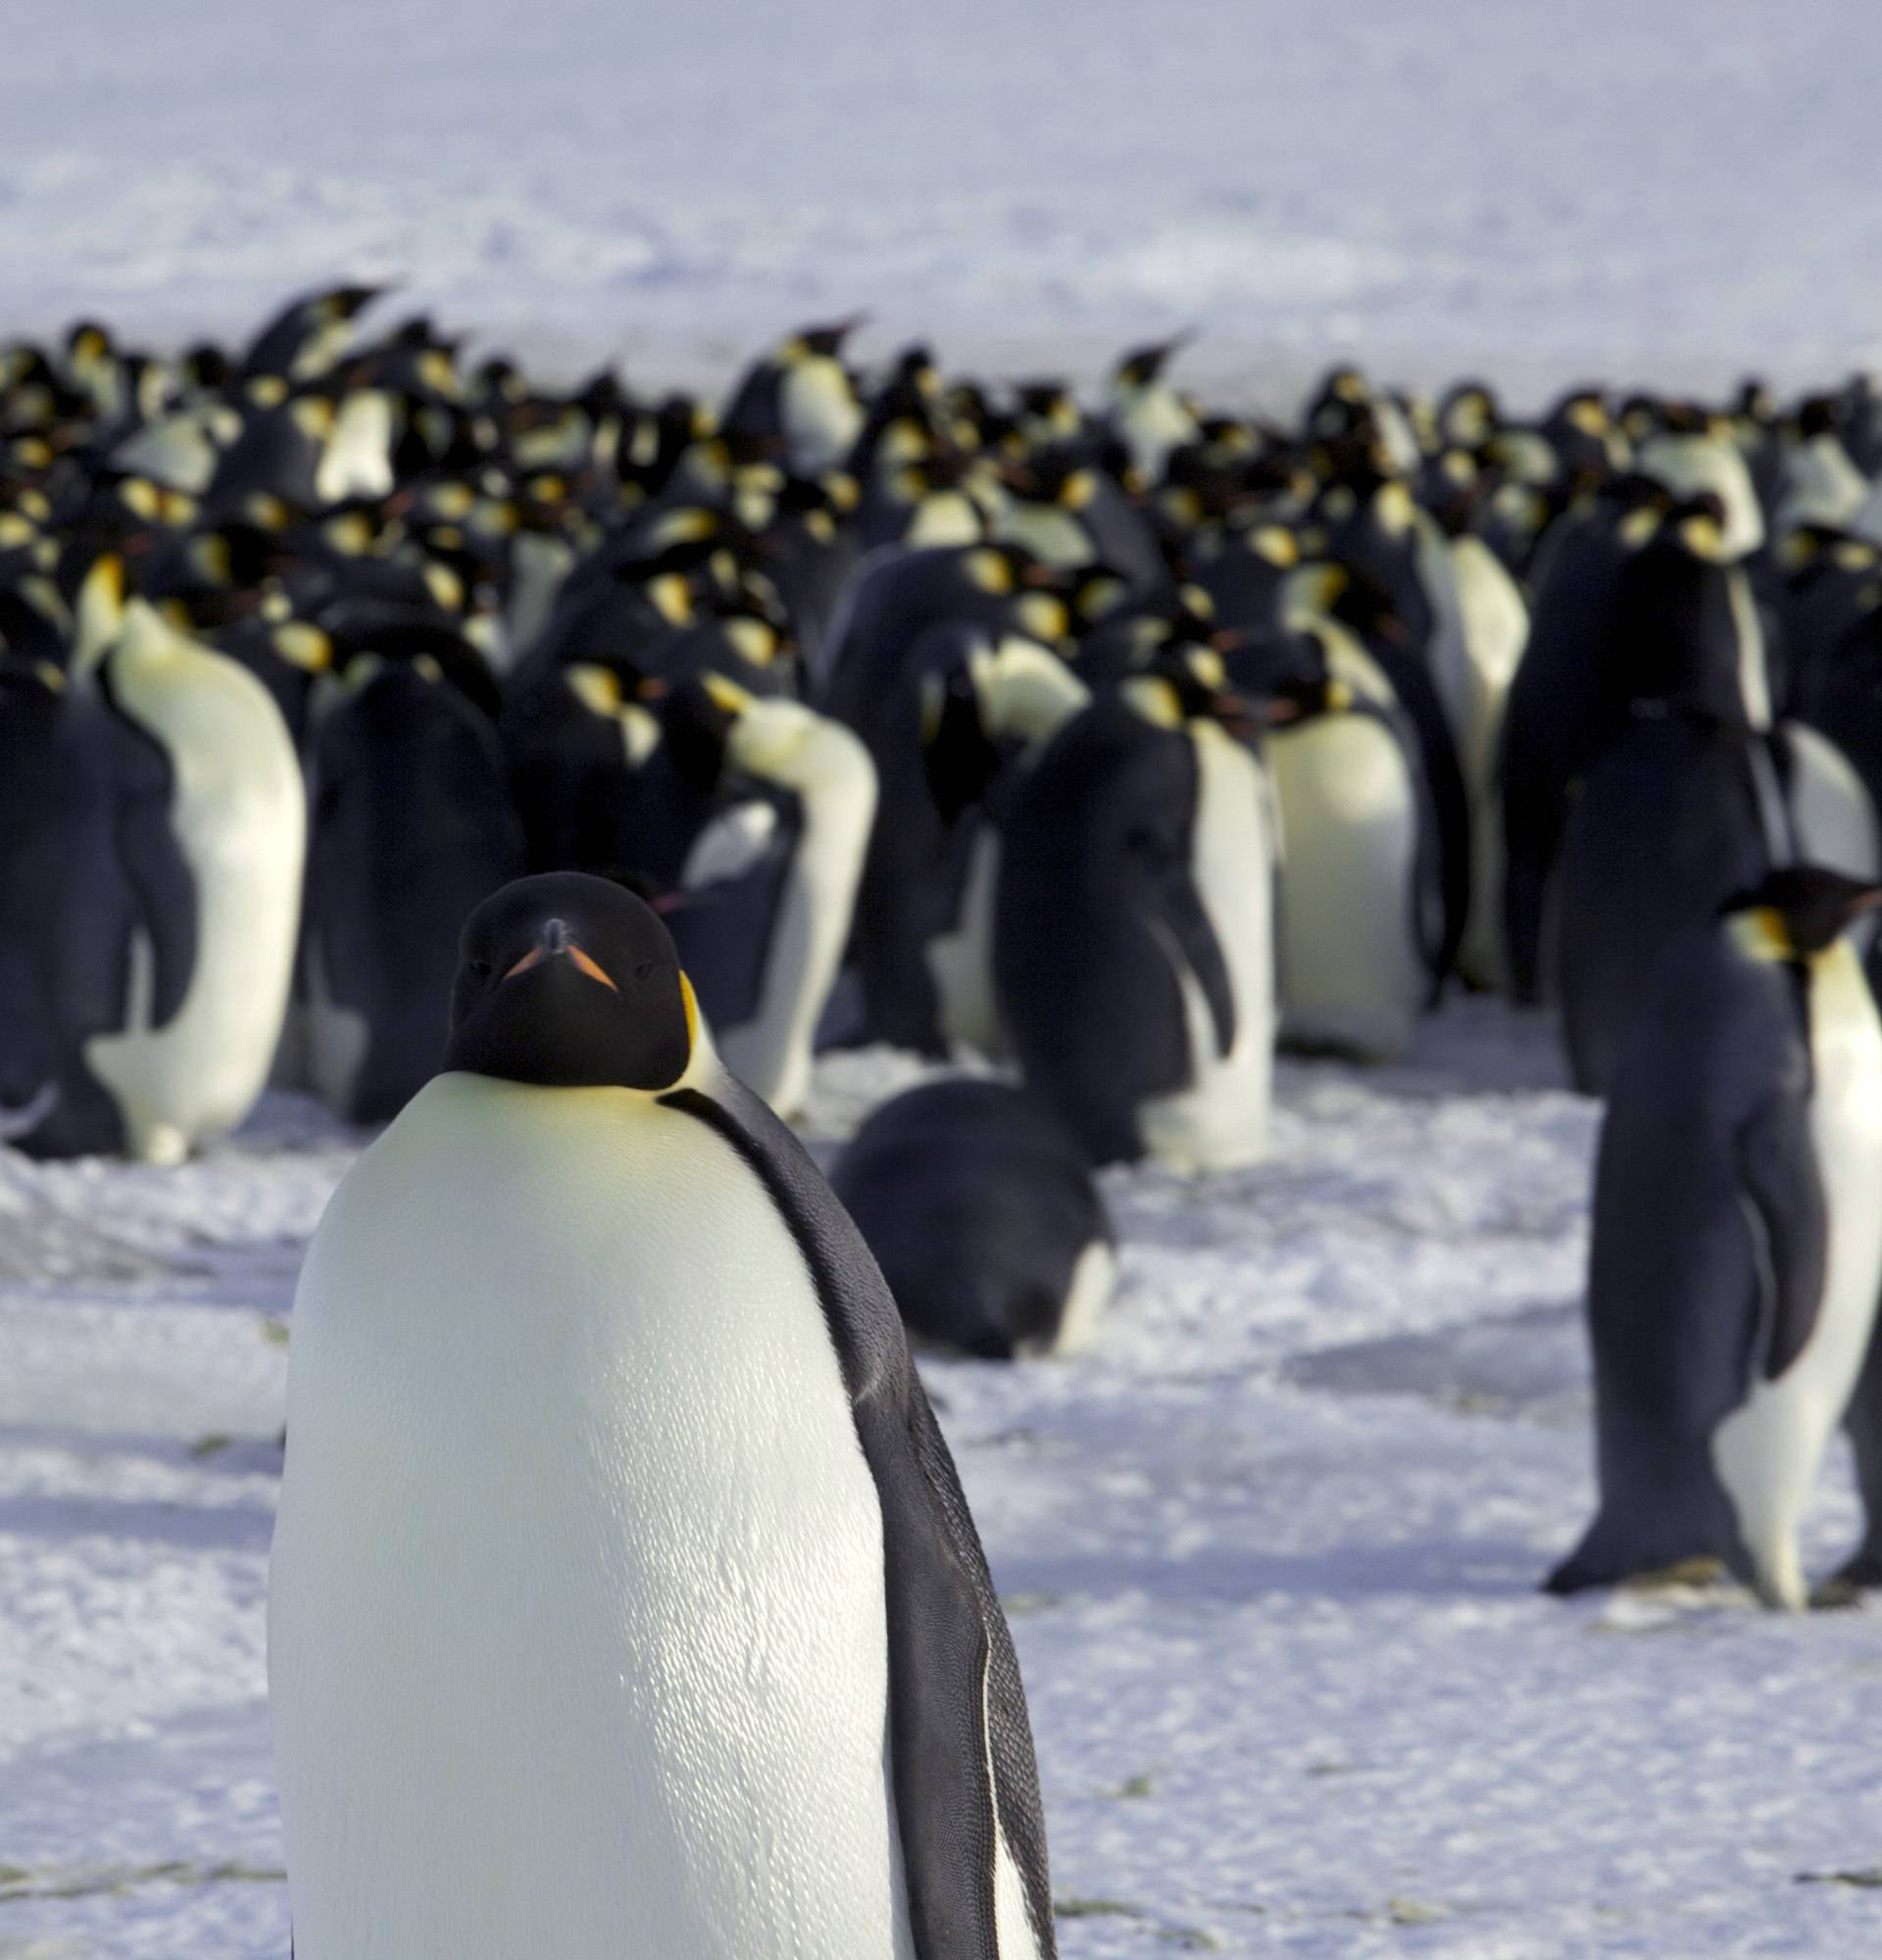 Emperor penguins are seen in Dumont d'Urville, Antarctica